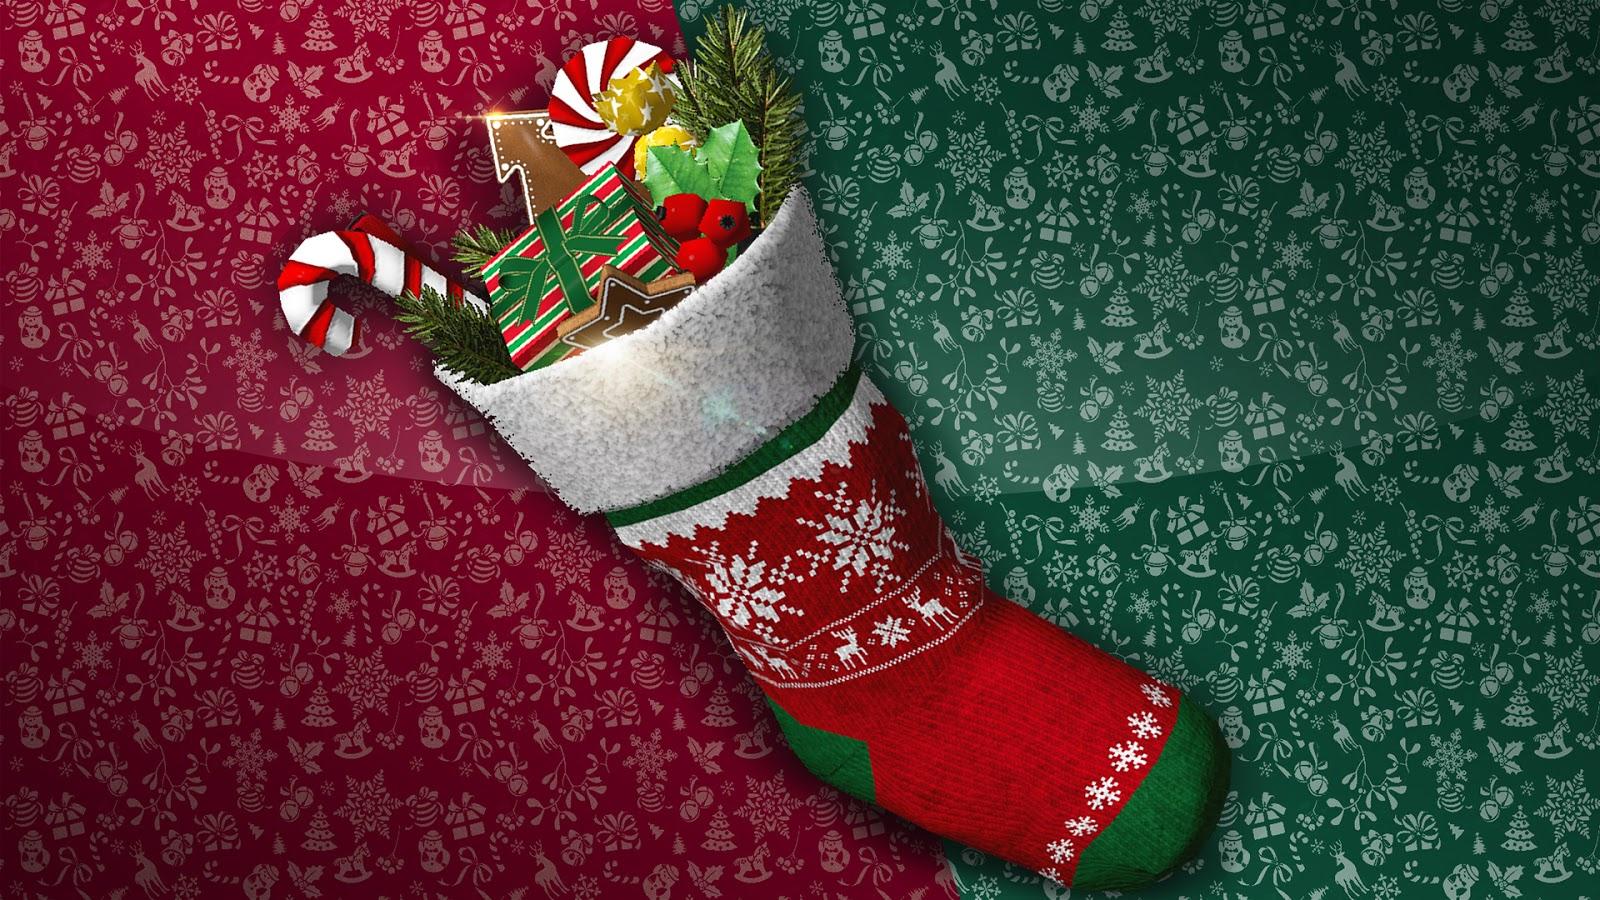 Grand Giving 2019 Sock